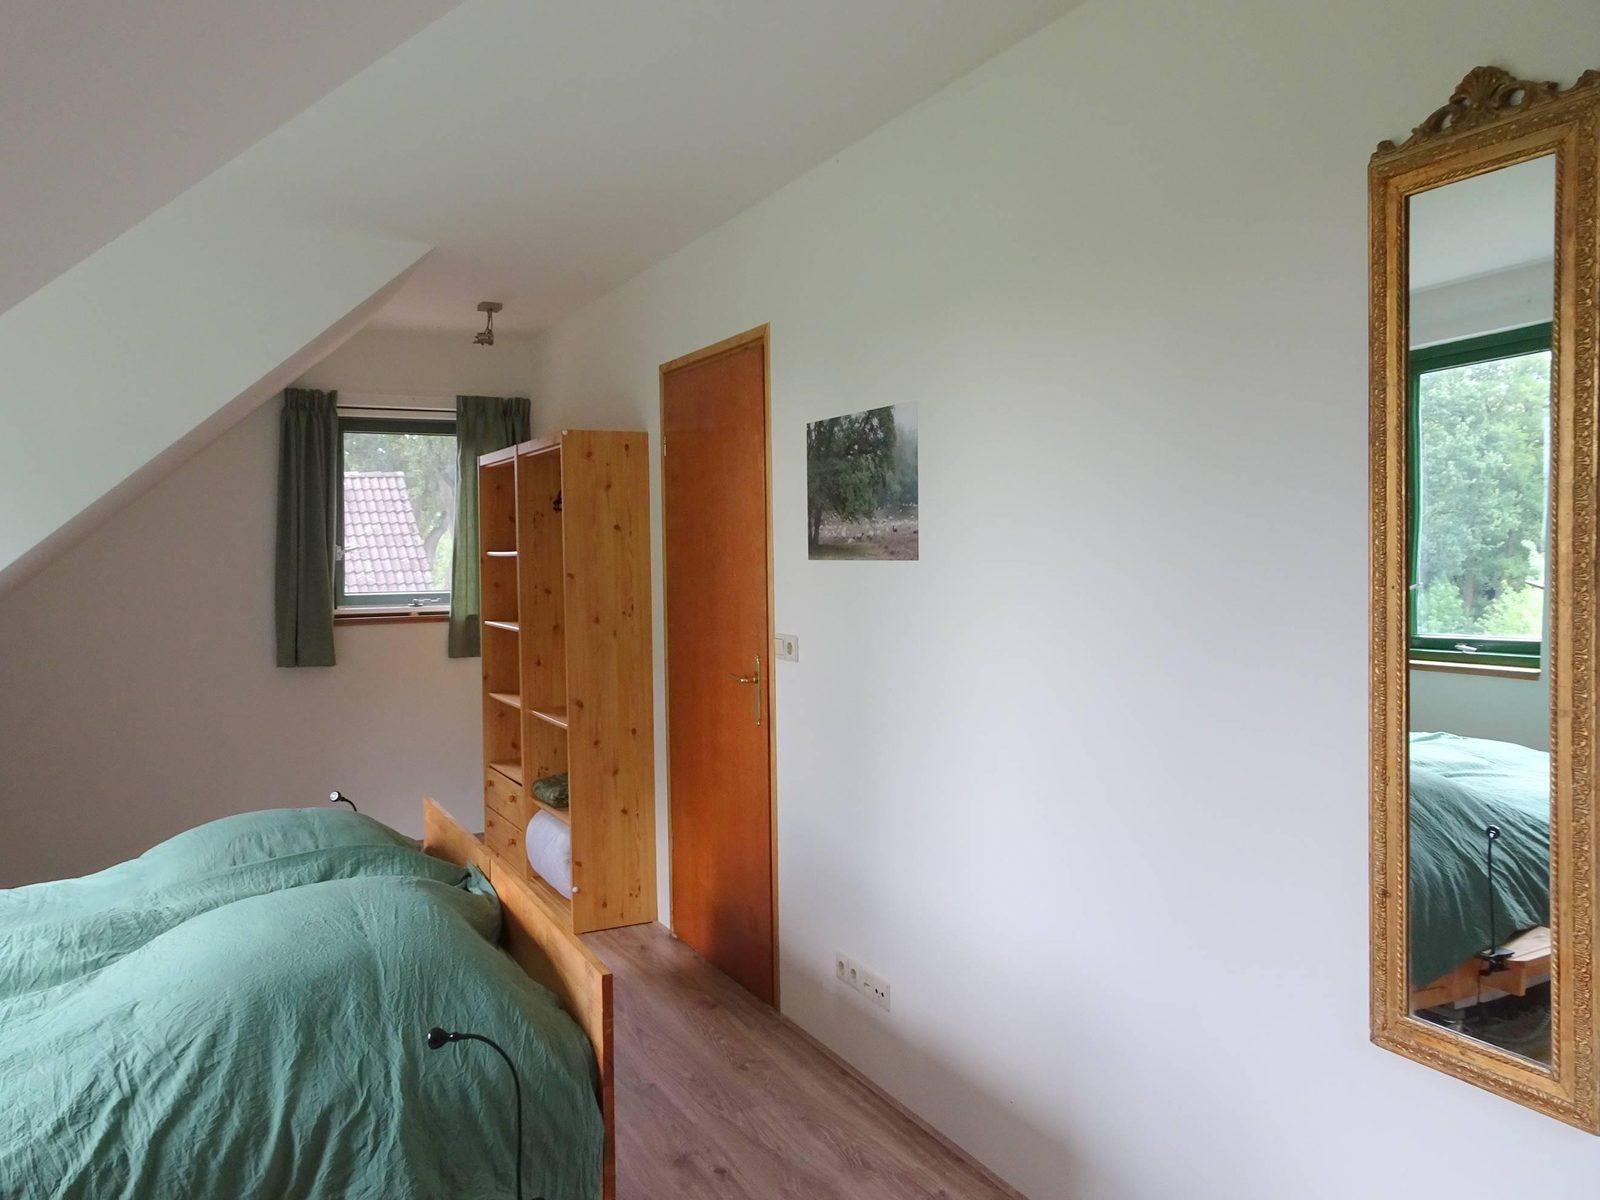 Grote slaapkamer boven Badzicht Schipborg Músarrindill